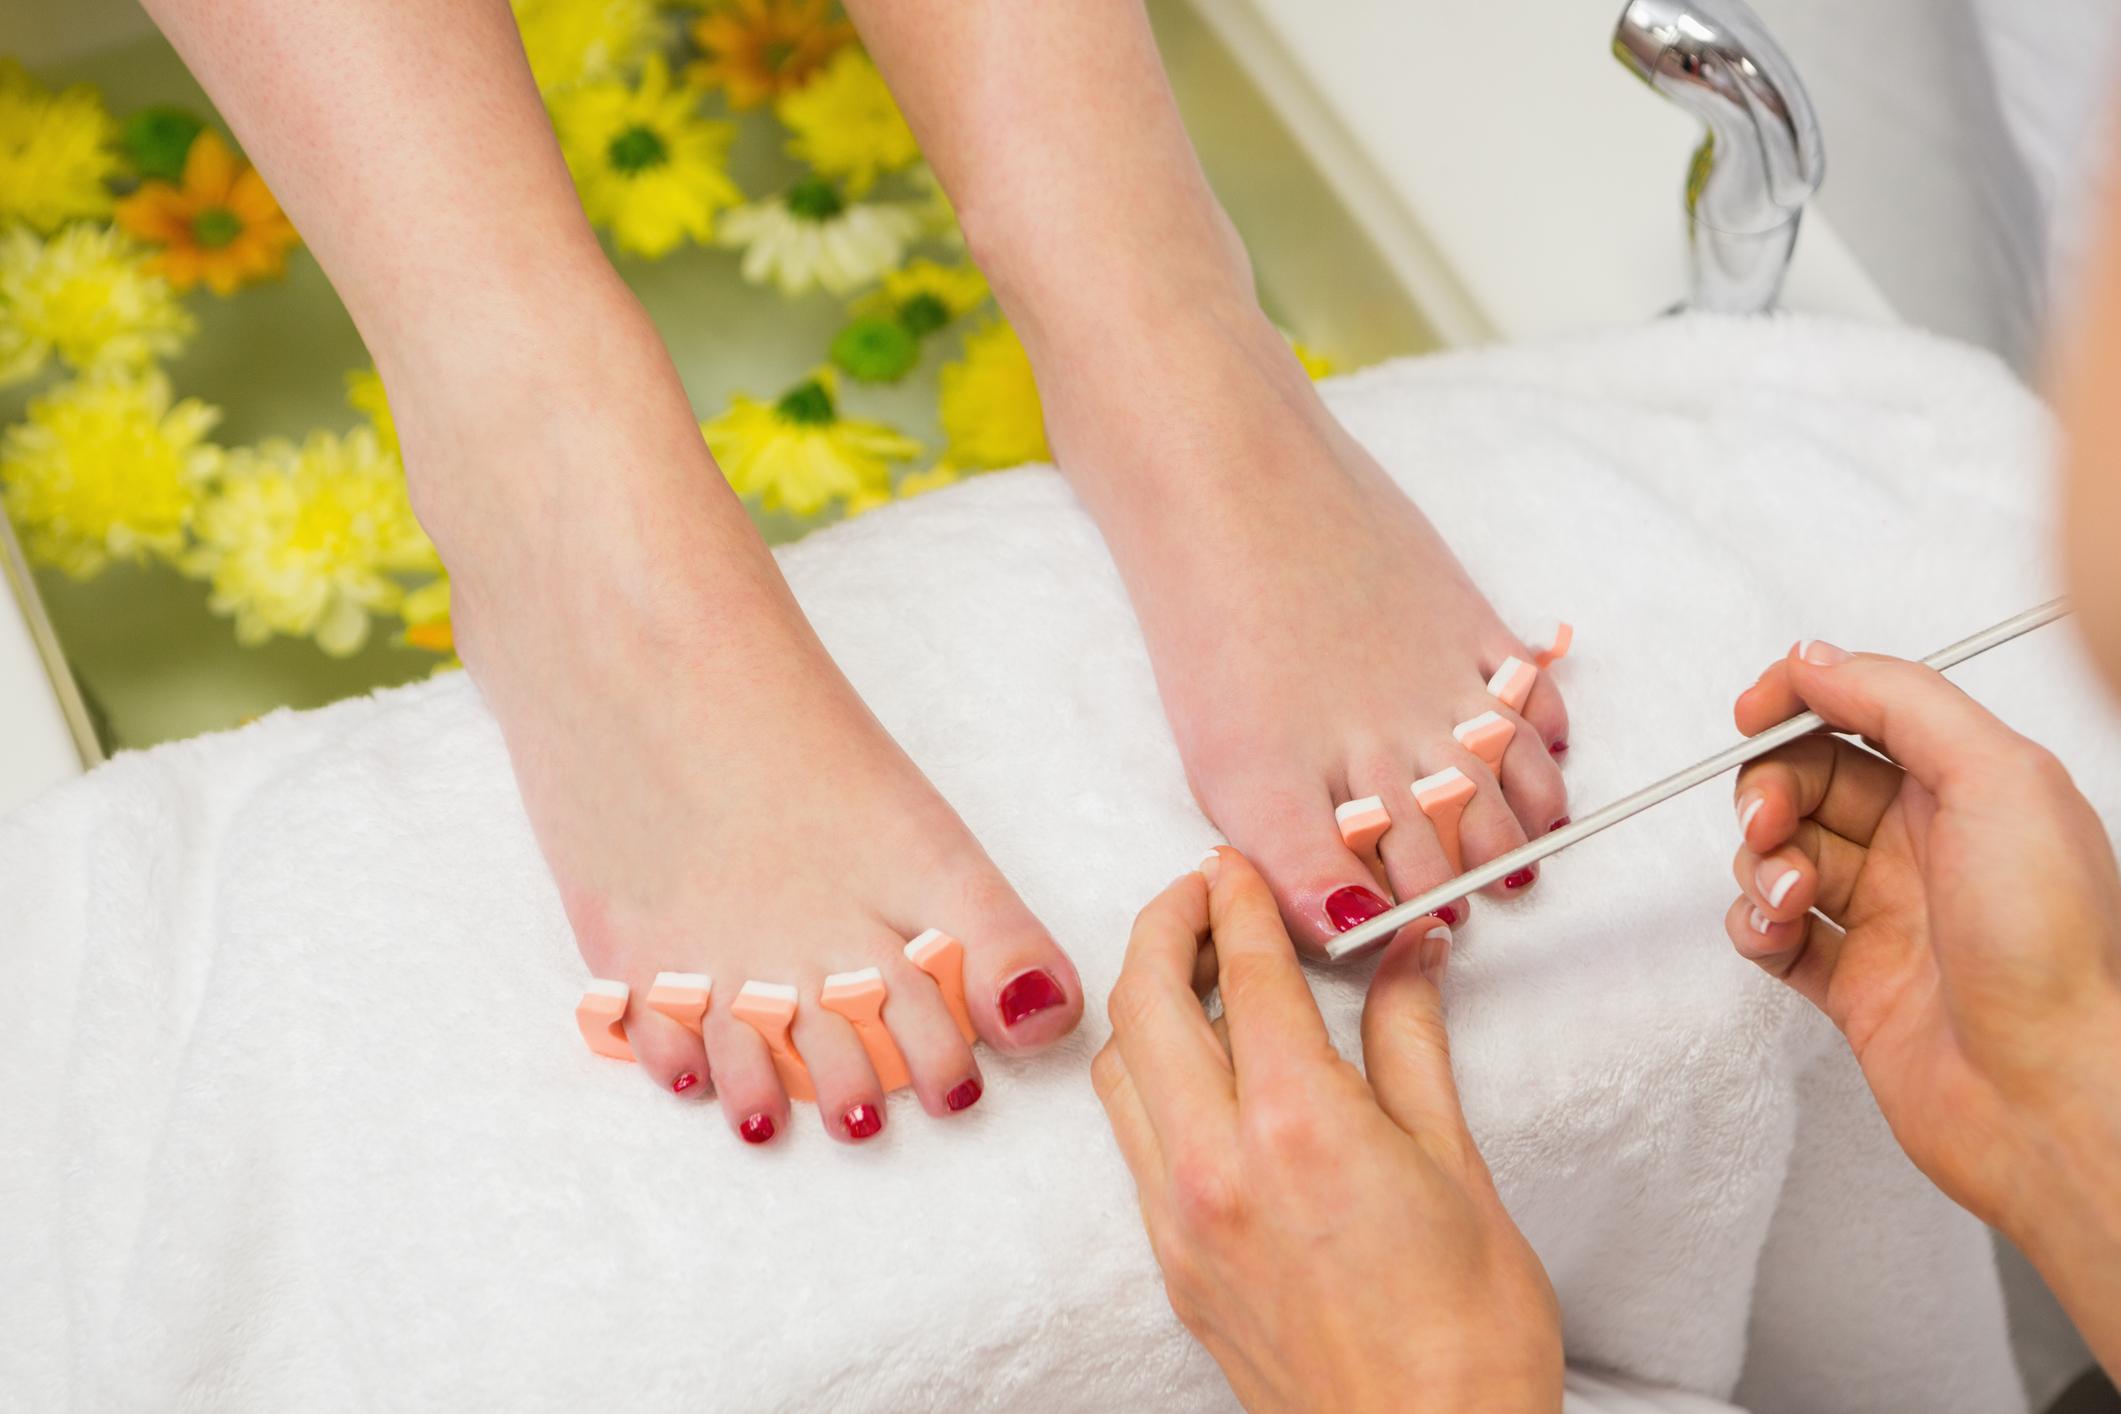 Closeup of woman polishing toe nails at spa center